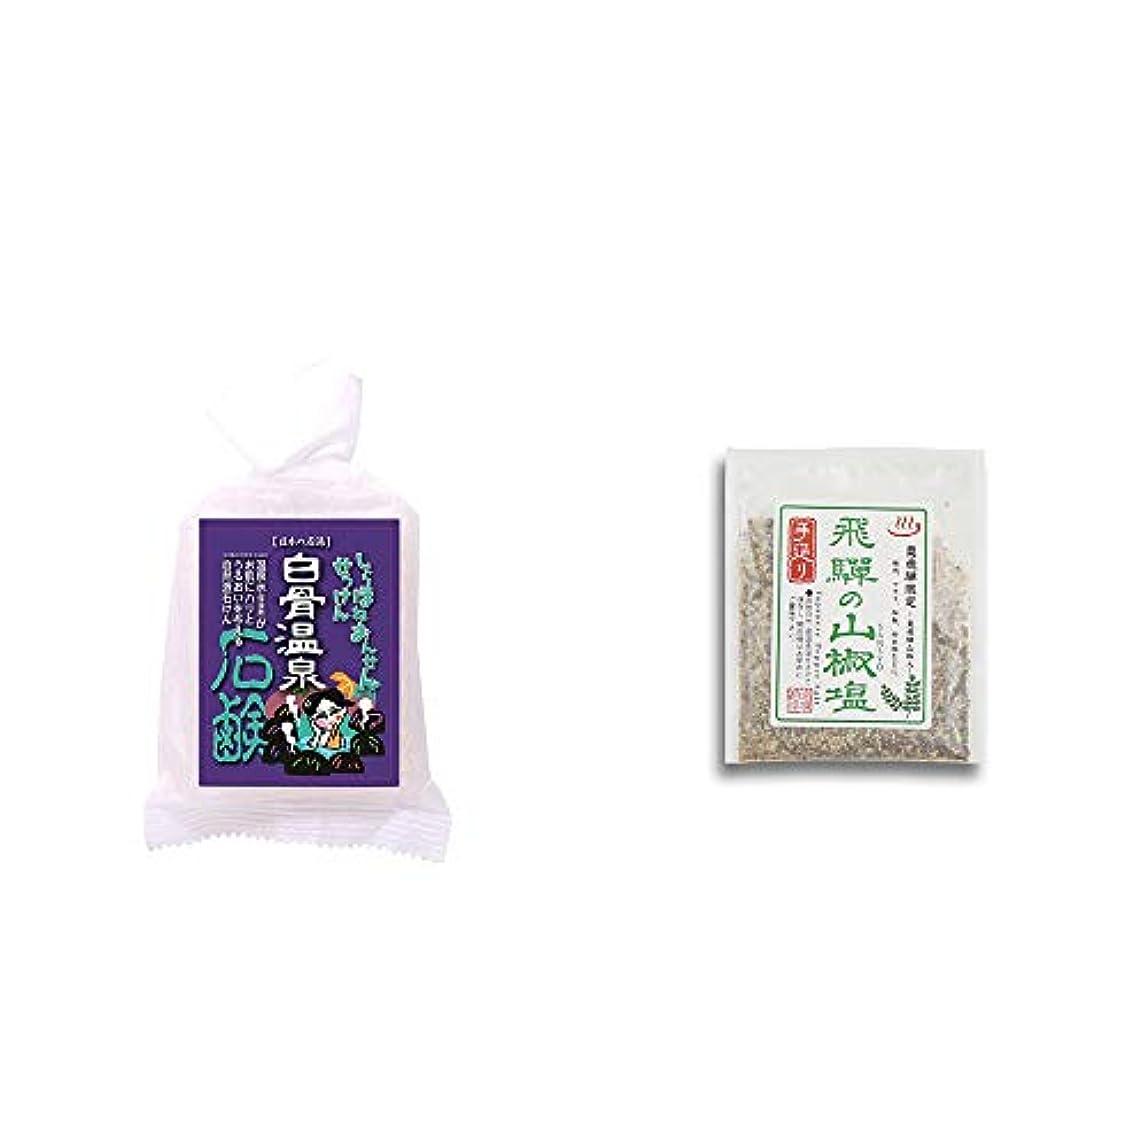 ショートみすぼらしいにおい[2点セット] 信州 白骨温泉石鹸(80g)?手造り 飛騨の山椒塩(40g)